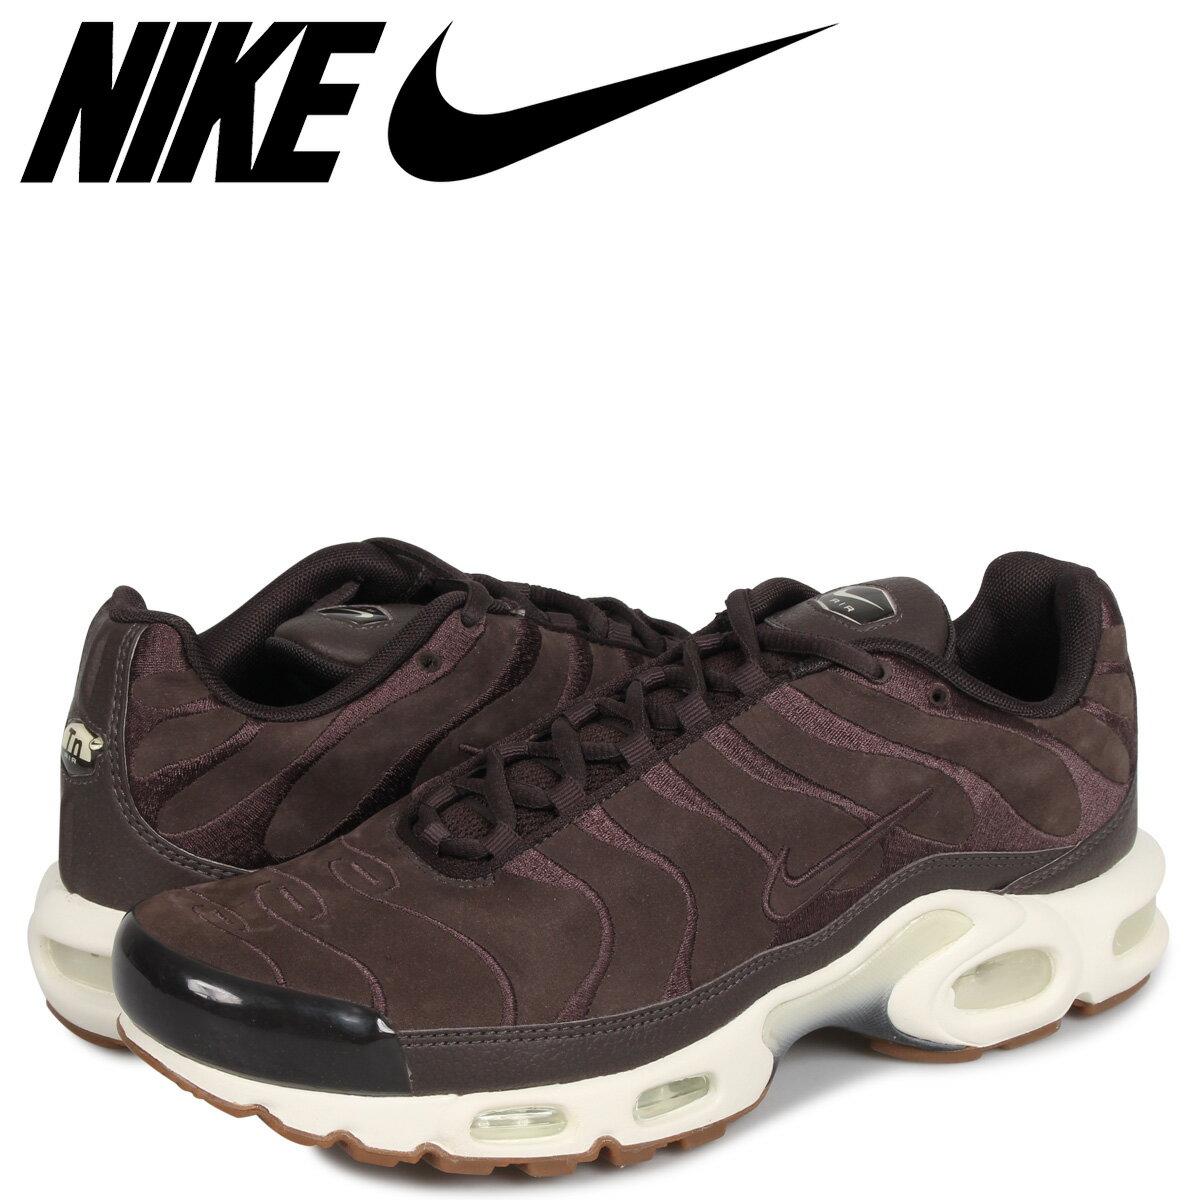 メンズ靴, スニーカー 2000OFF NIKE AIR MAX PLUS EF AH9697-212